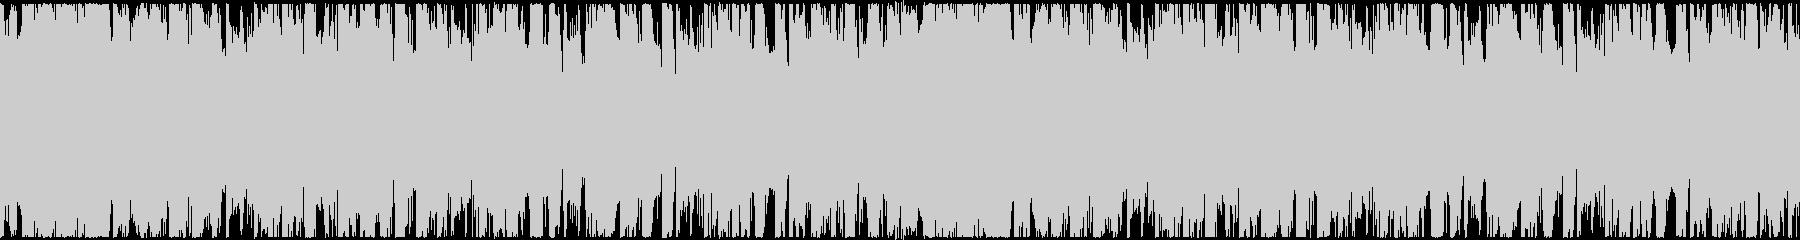 ラテンハウステイストのBGMの未再生の波形